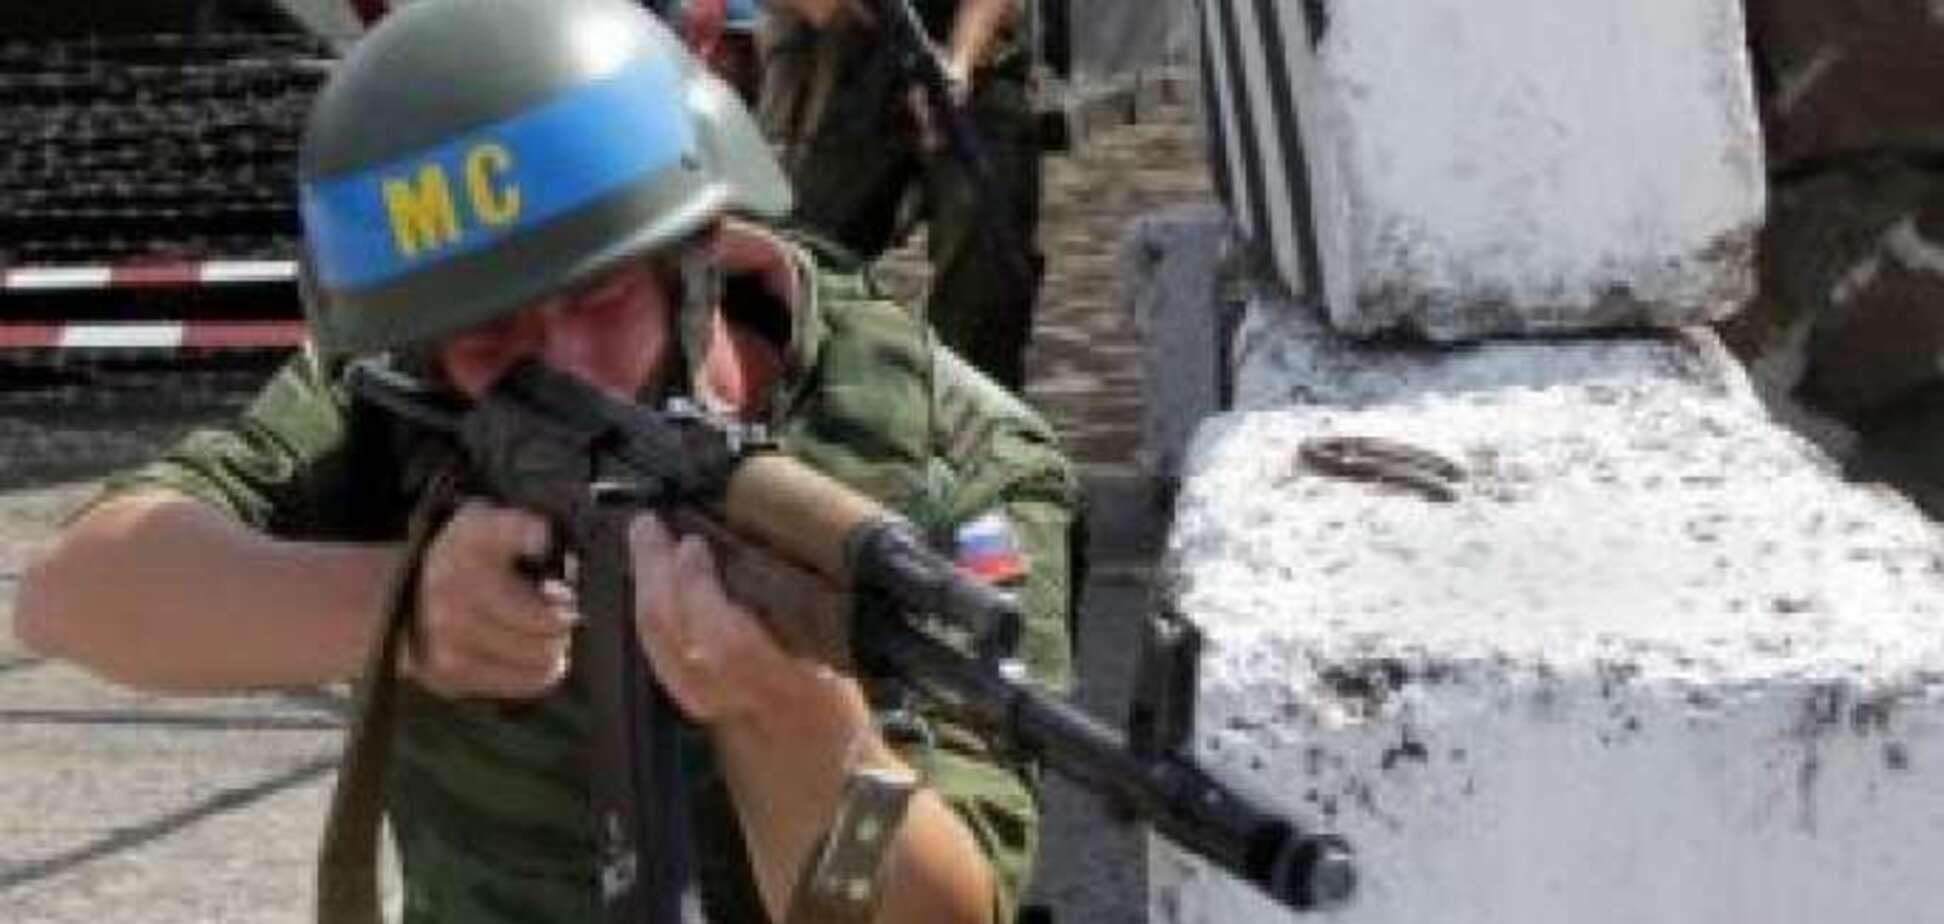 Российская 'миротворческая фикция' – позорная правда